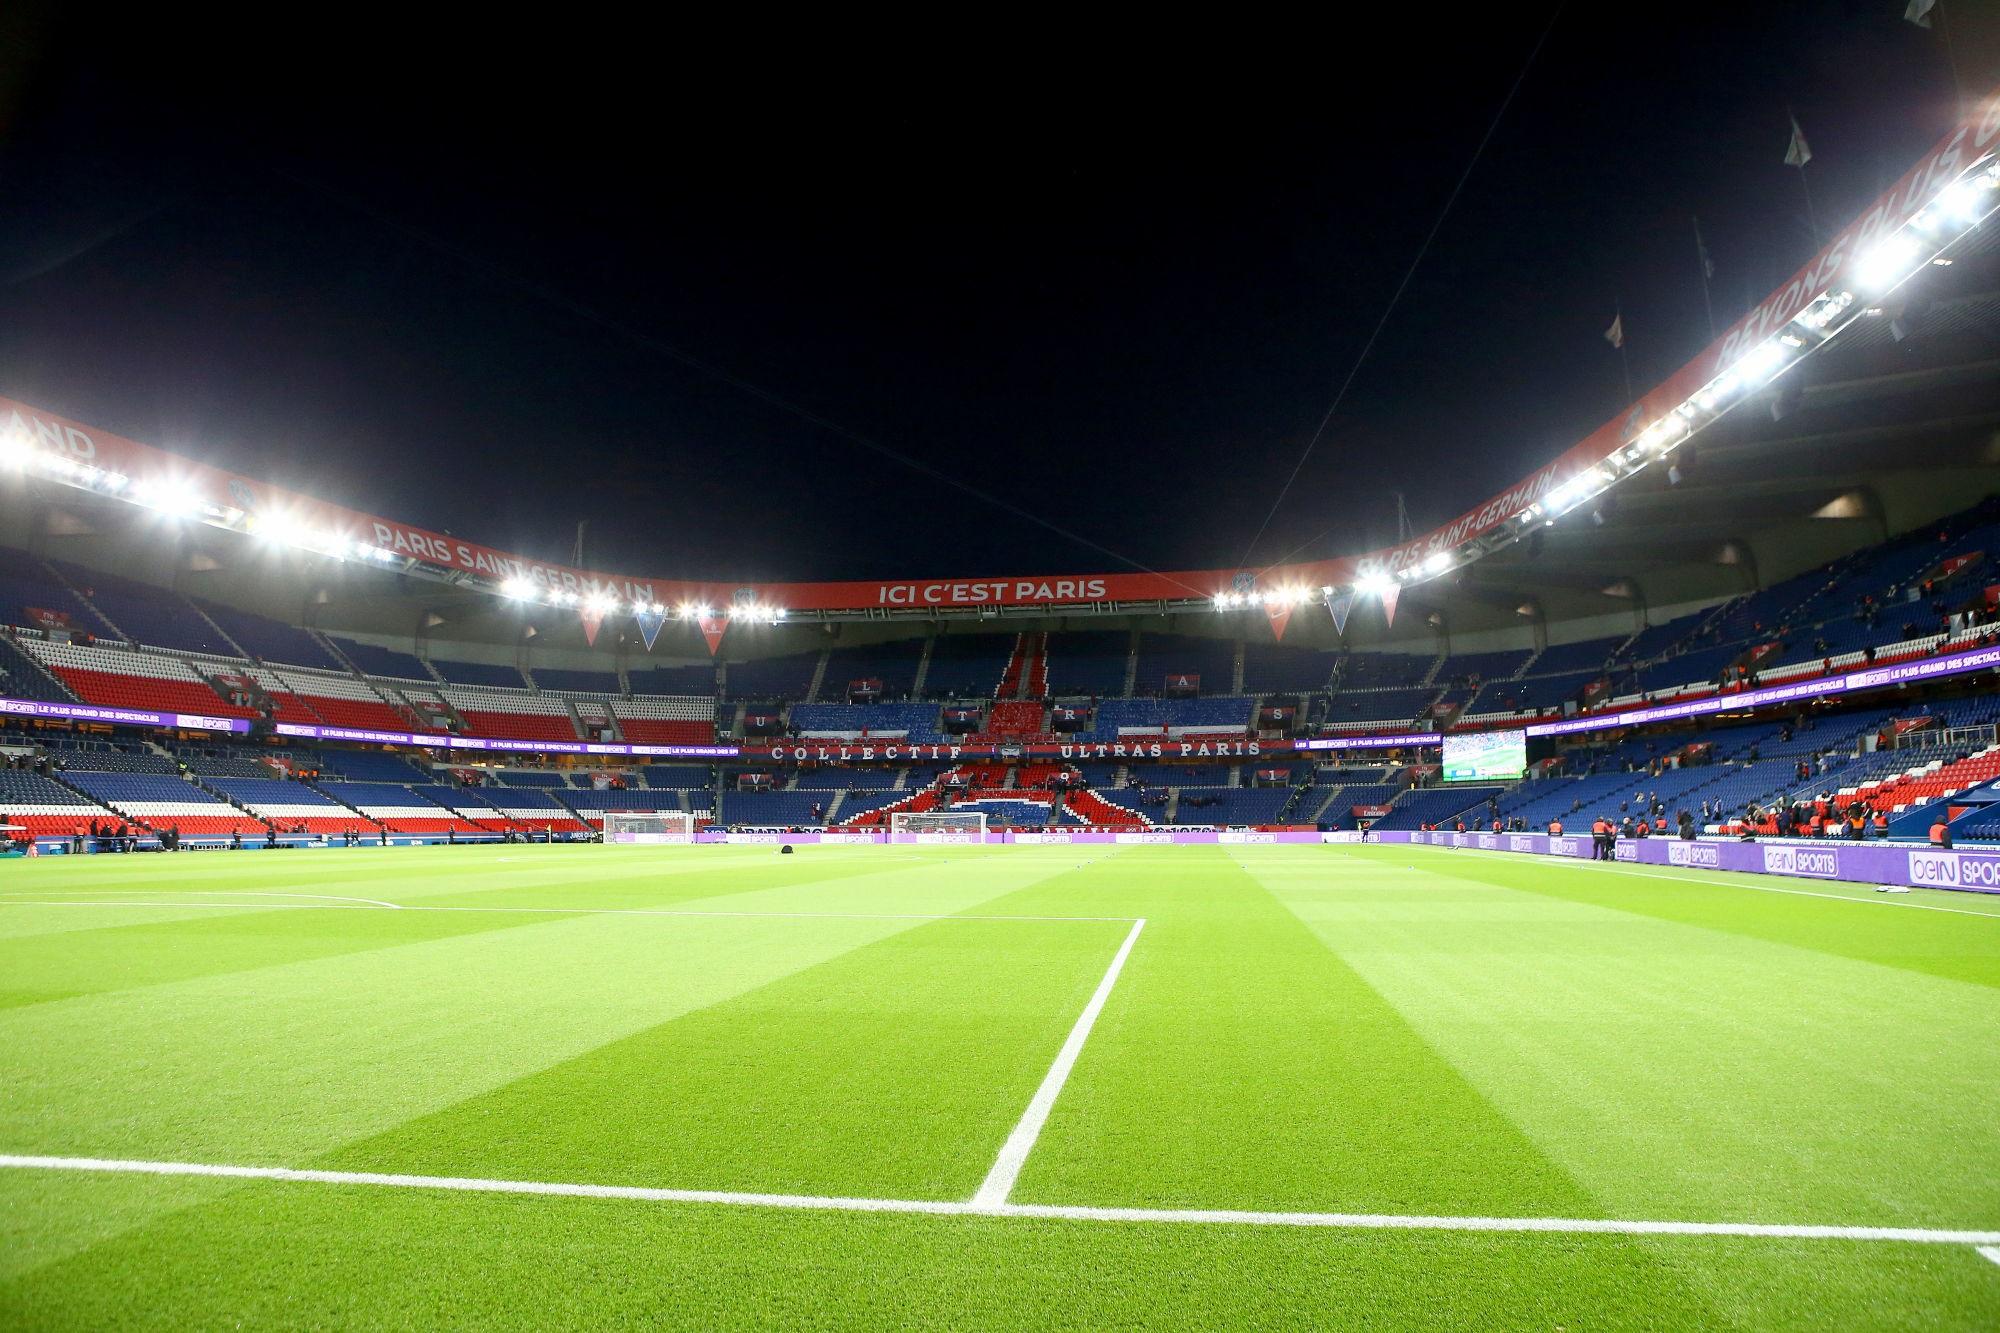 Le PSG donne des nouvelles de la pelouse du Parc des Princes, qui ne sera pas changée cet été